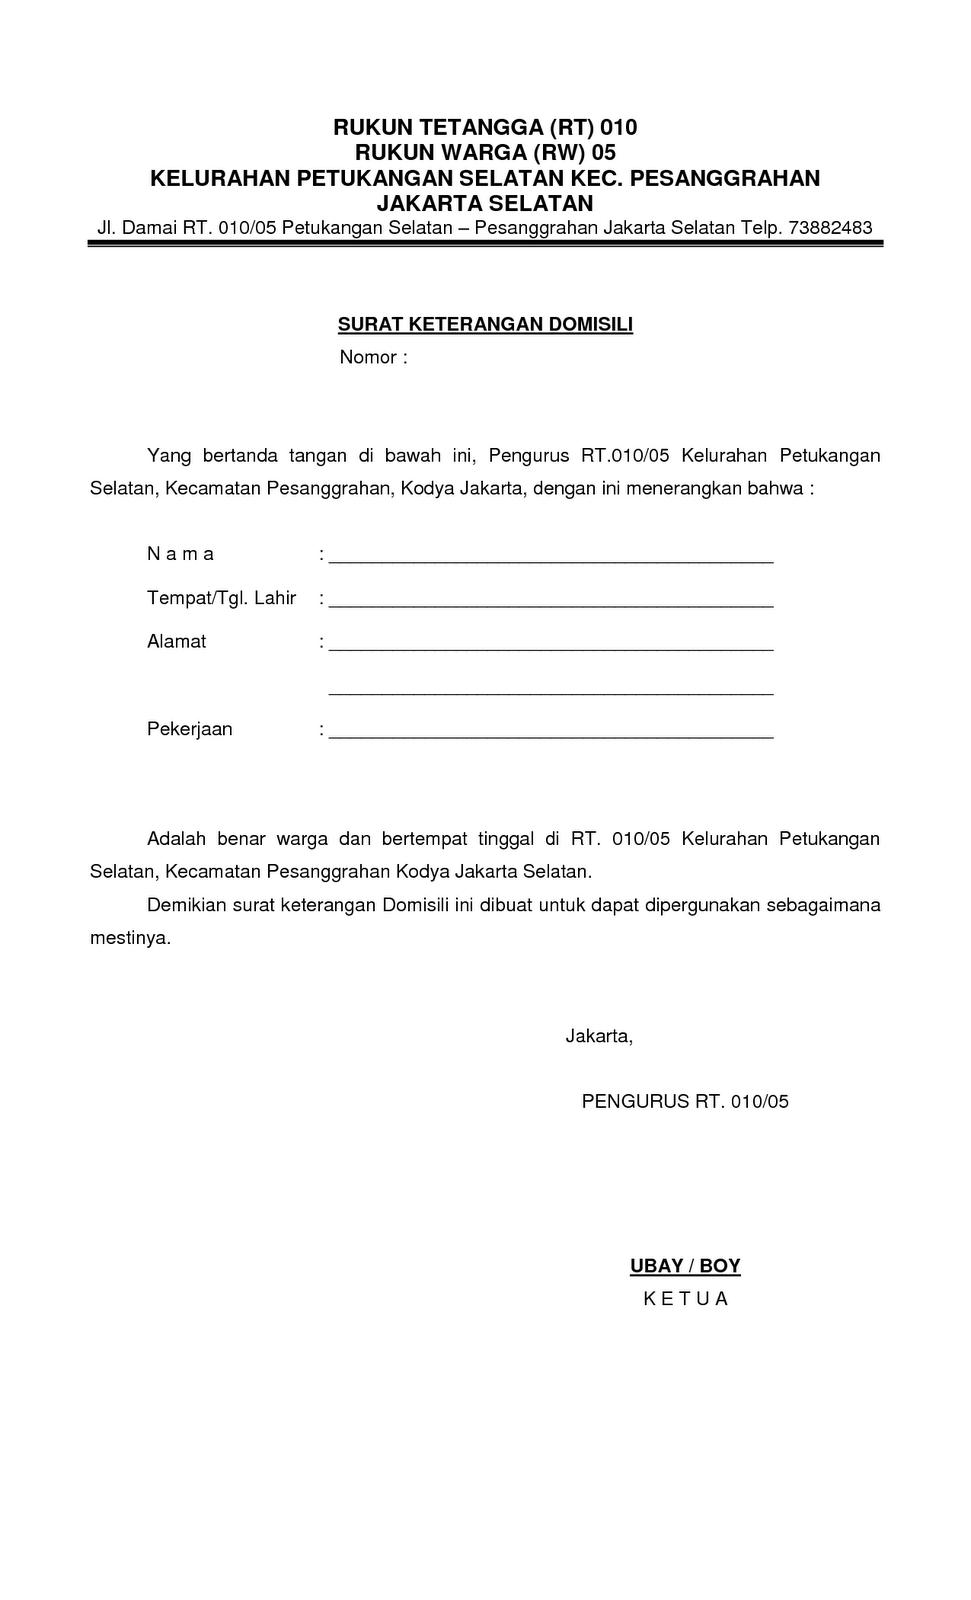 Contoh Surat Keterangan Sakit Dari Dokter Untuk Karyawan